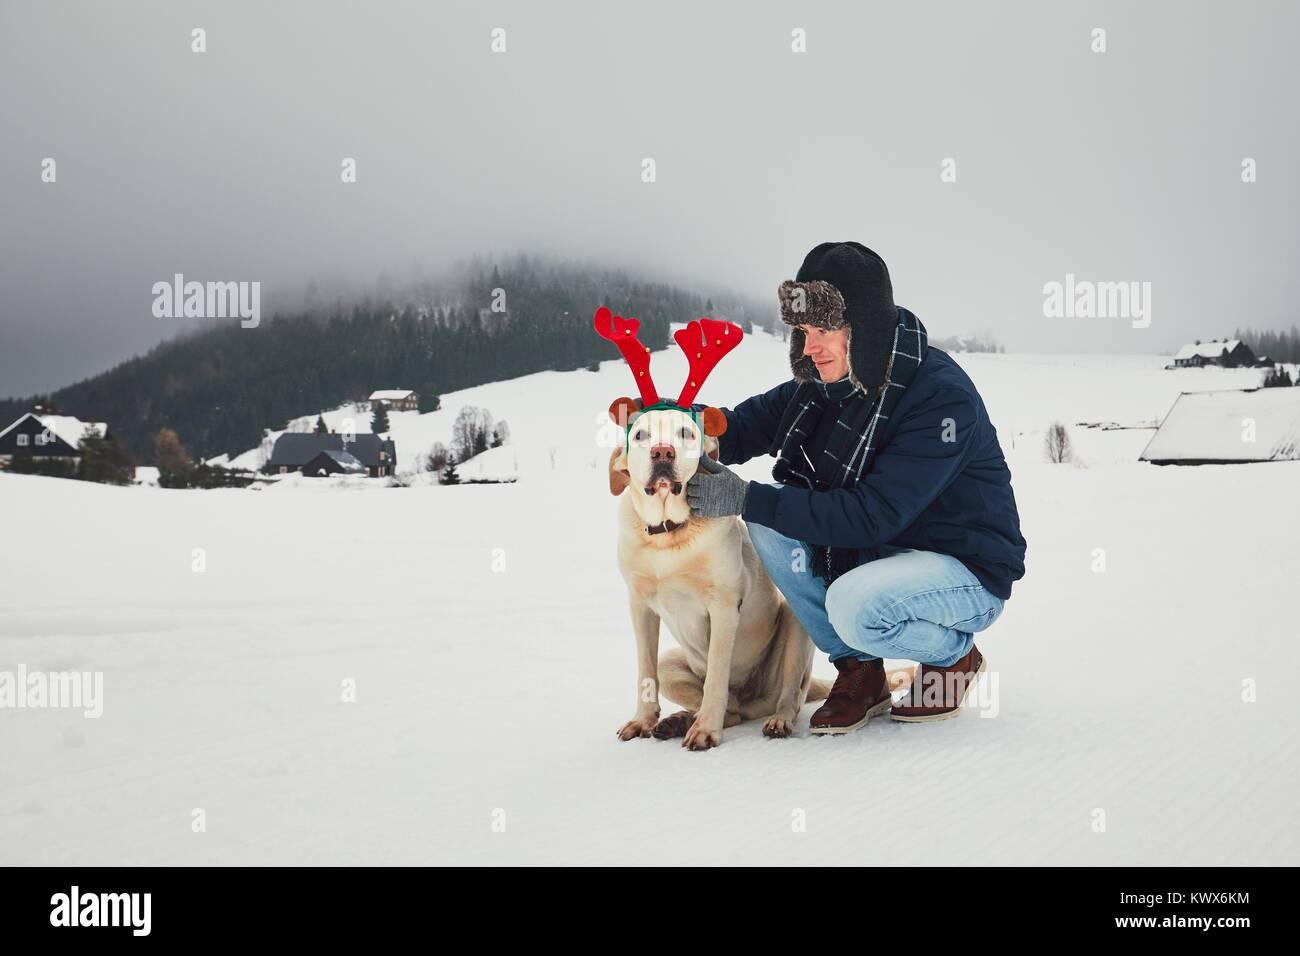 Lustiger Spaziergang mit Hund in die verschneite Landschaft. Labrador Retriever ist das Tragen von gefälschten Stockbild